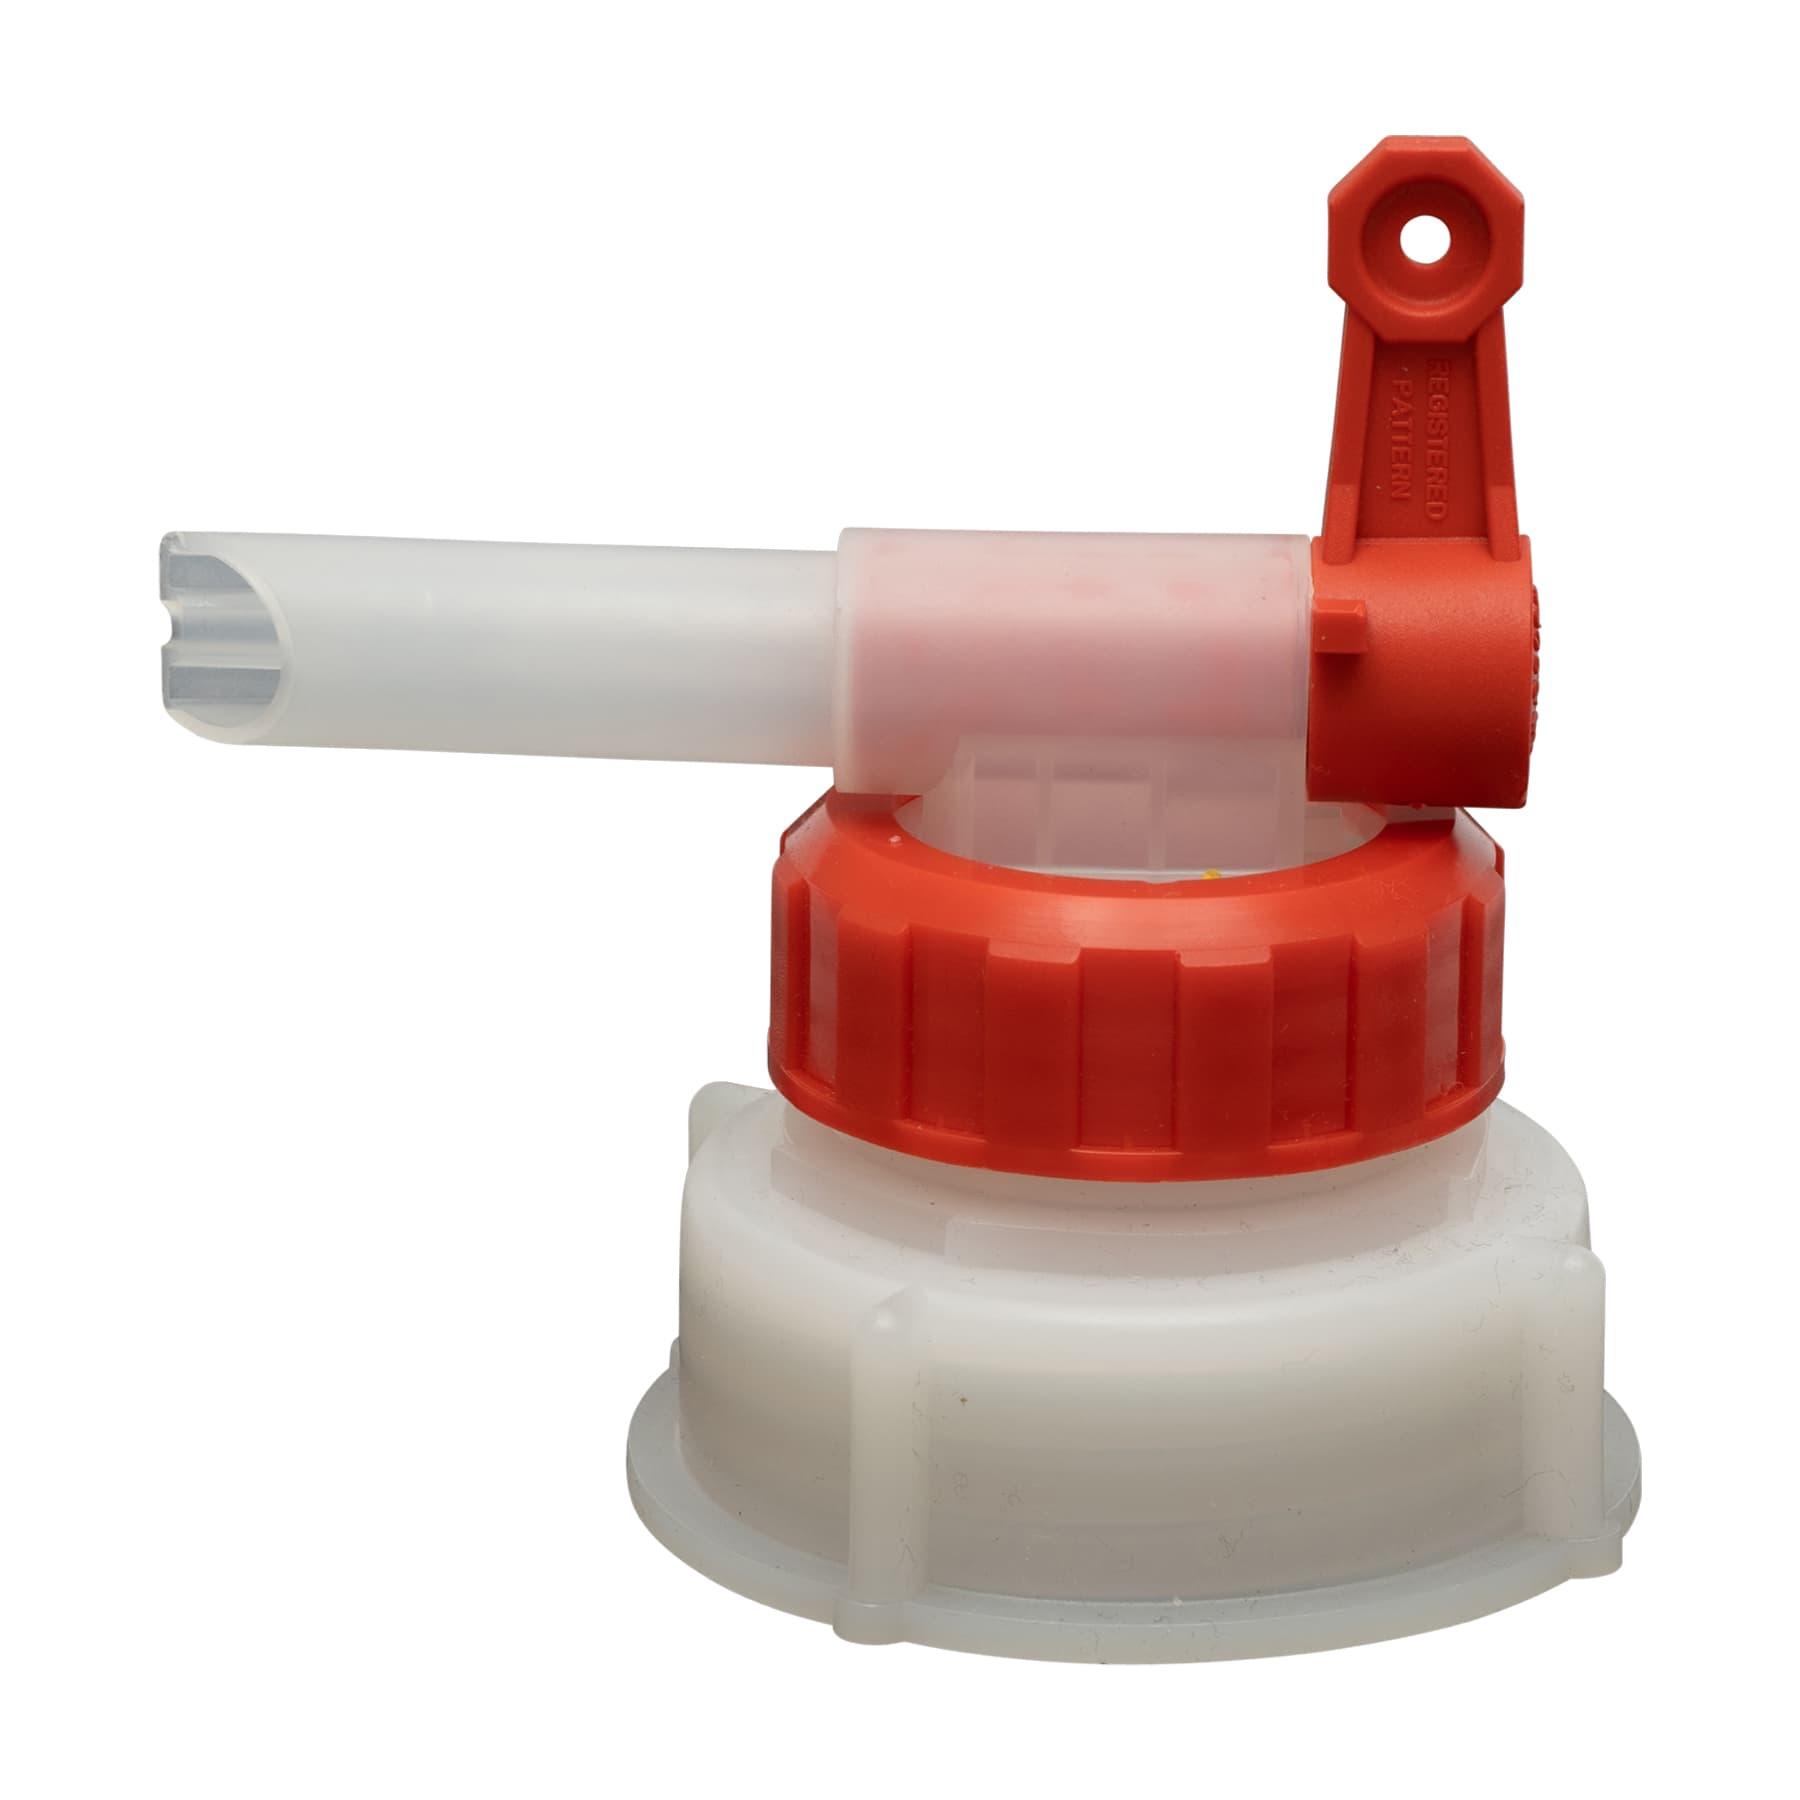 Dosierhahn für 10 L Kanister 51 mm Gewinde, 13 mm Öffnung